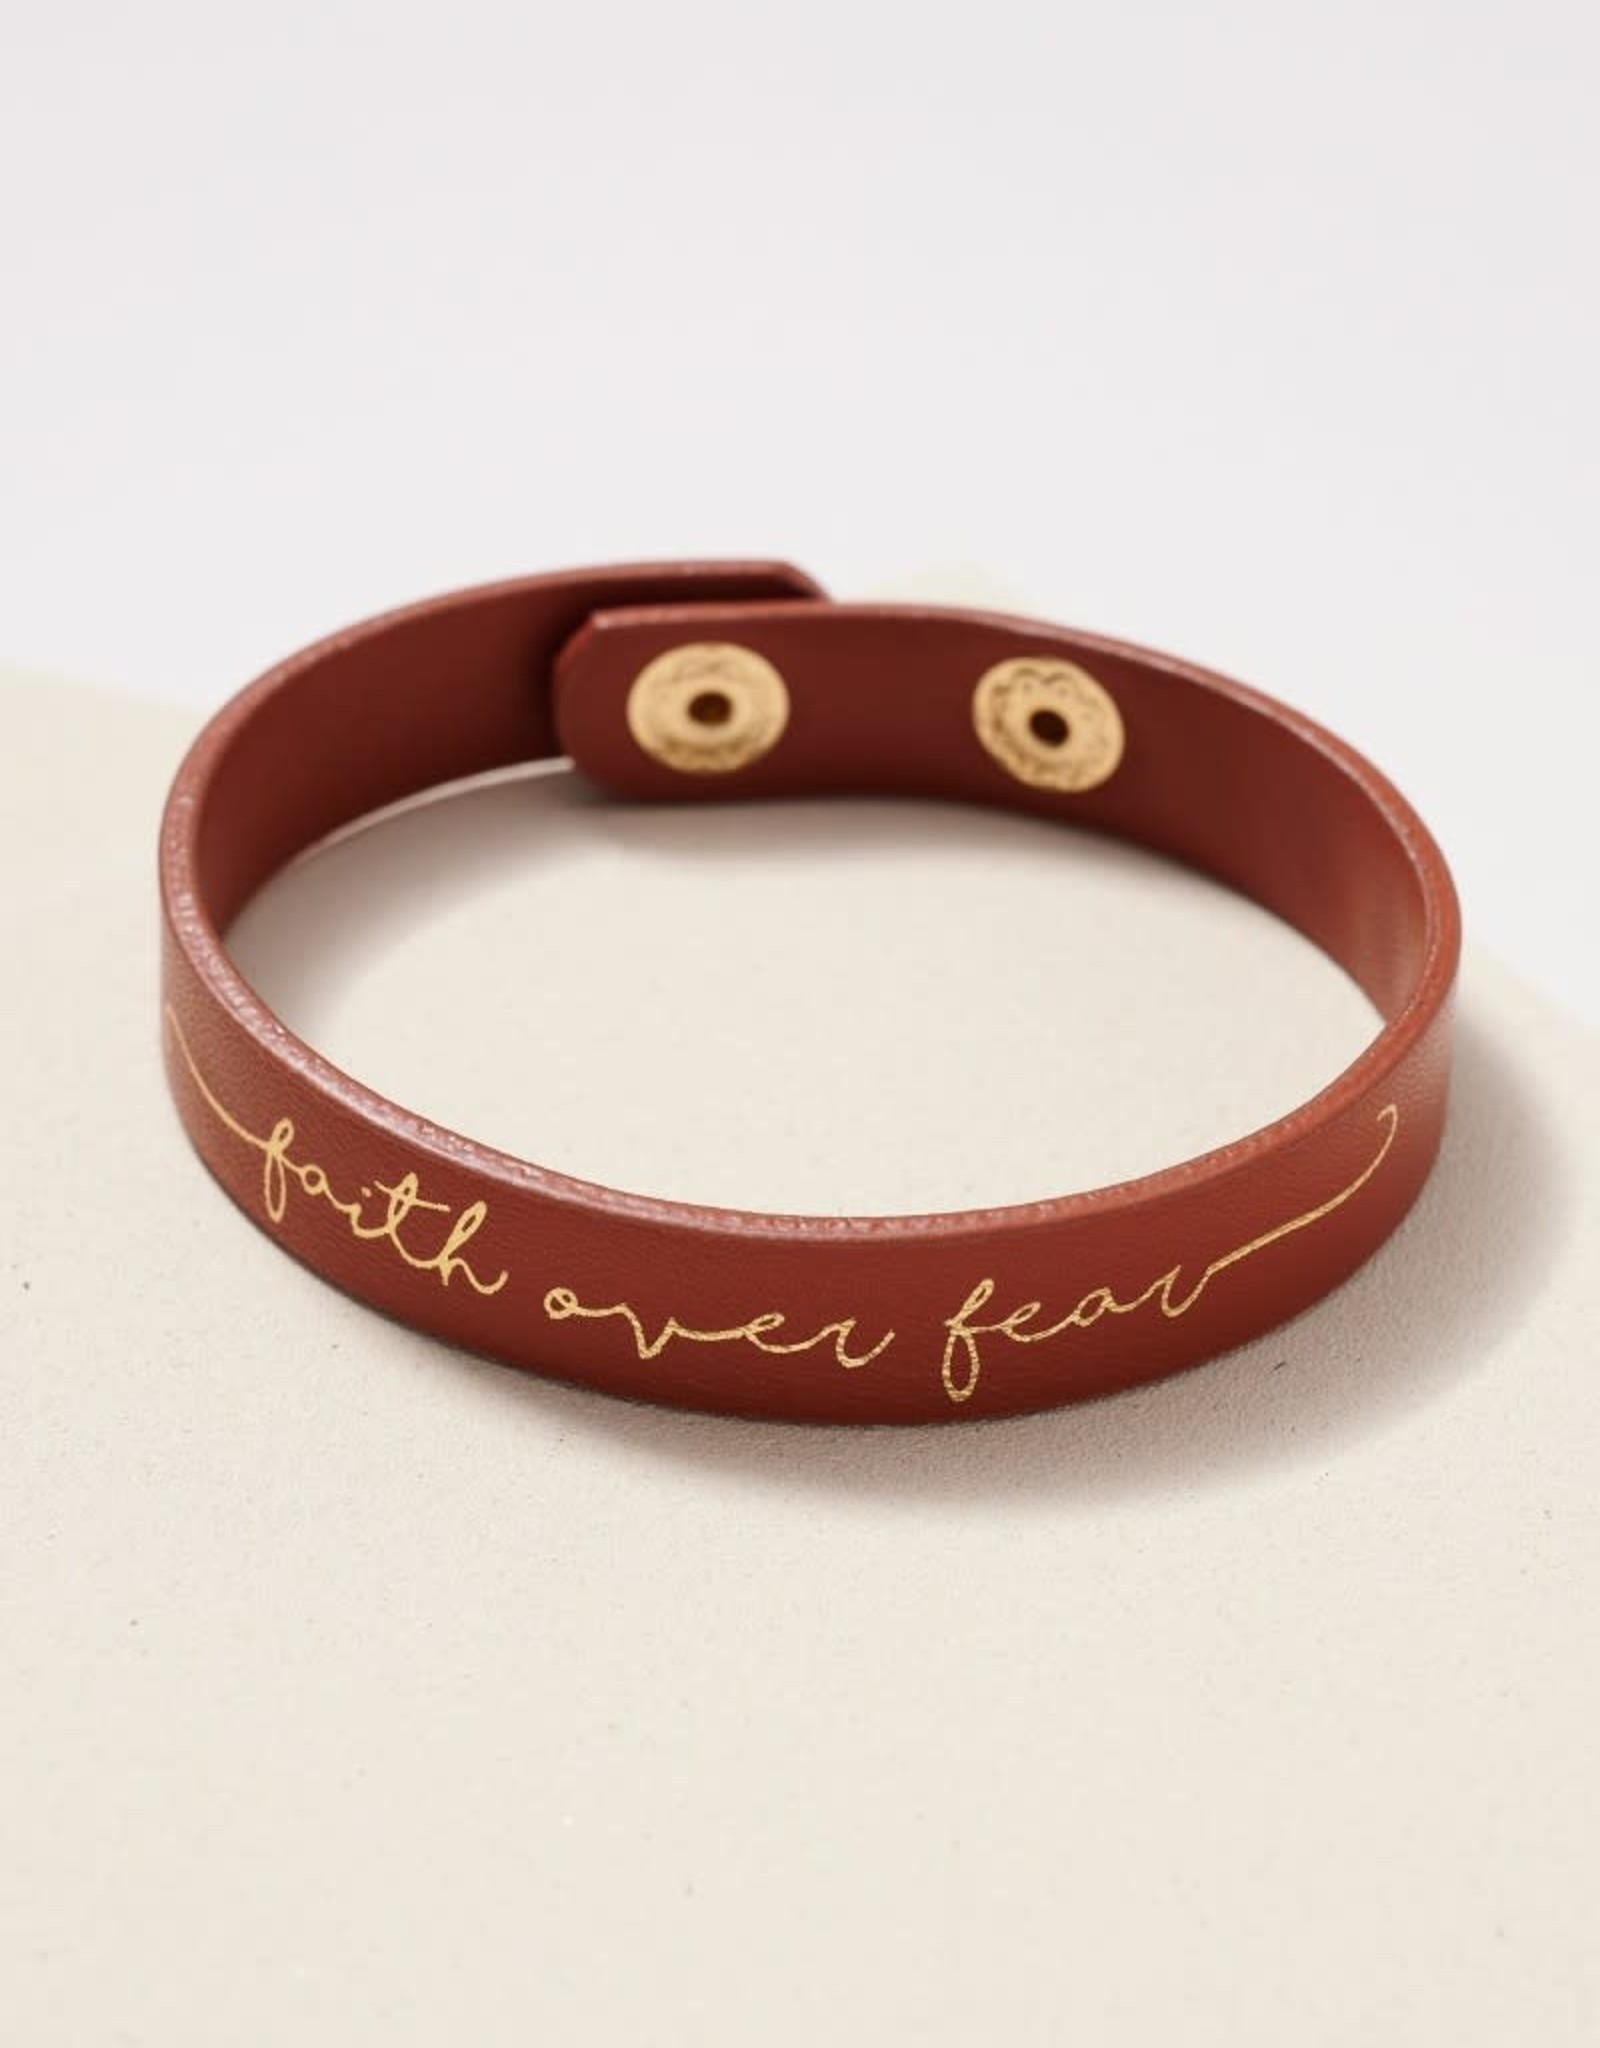 Wink Faith Over Fear Leather Bracelet